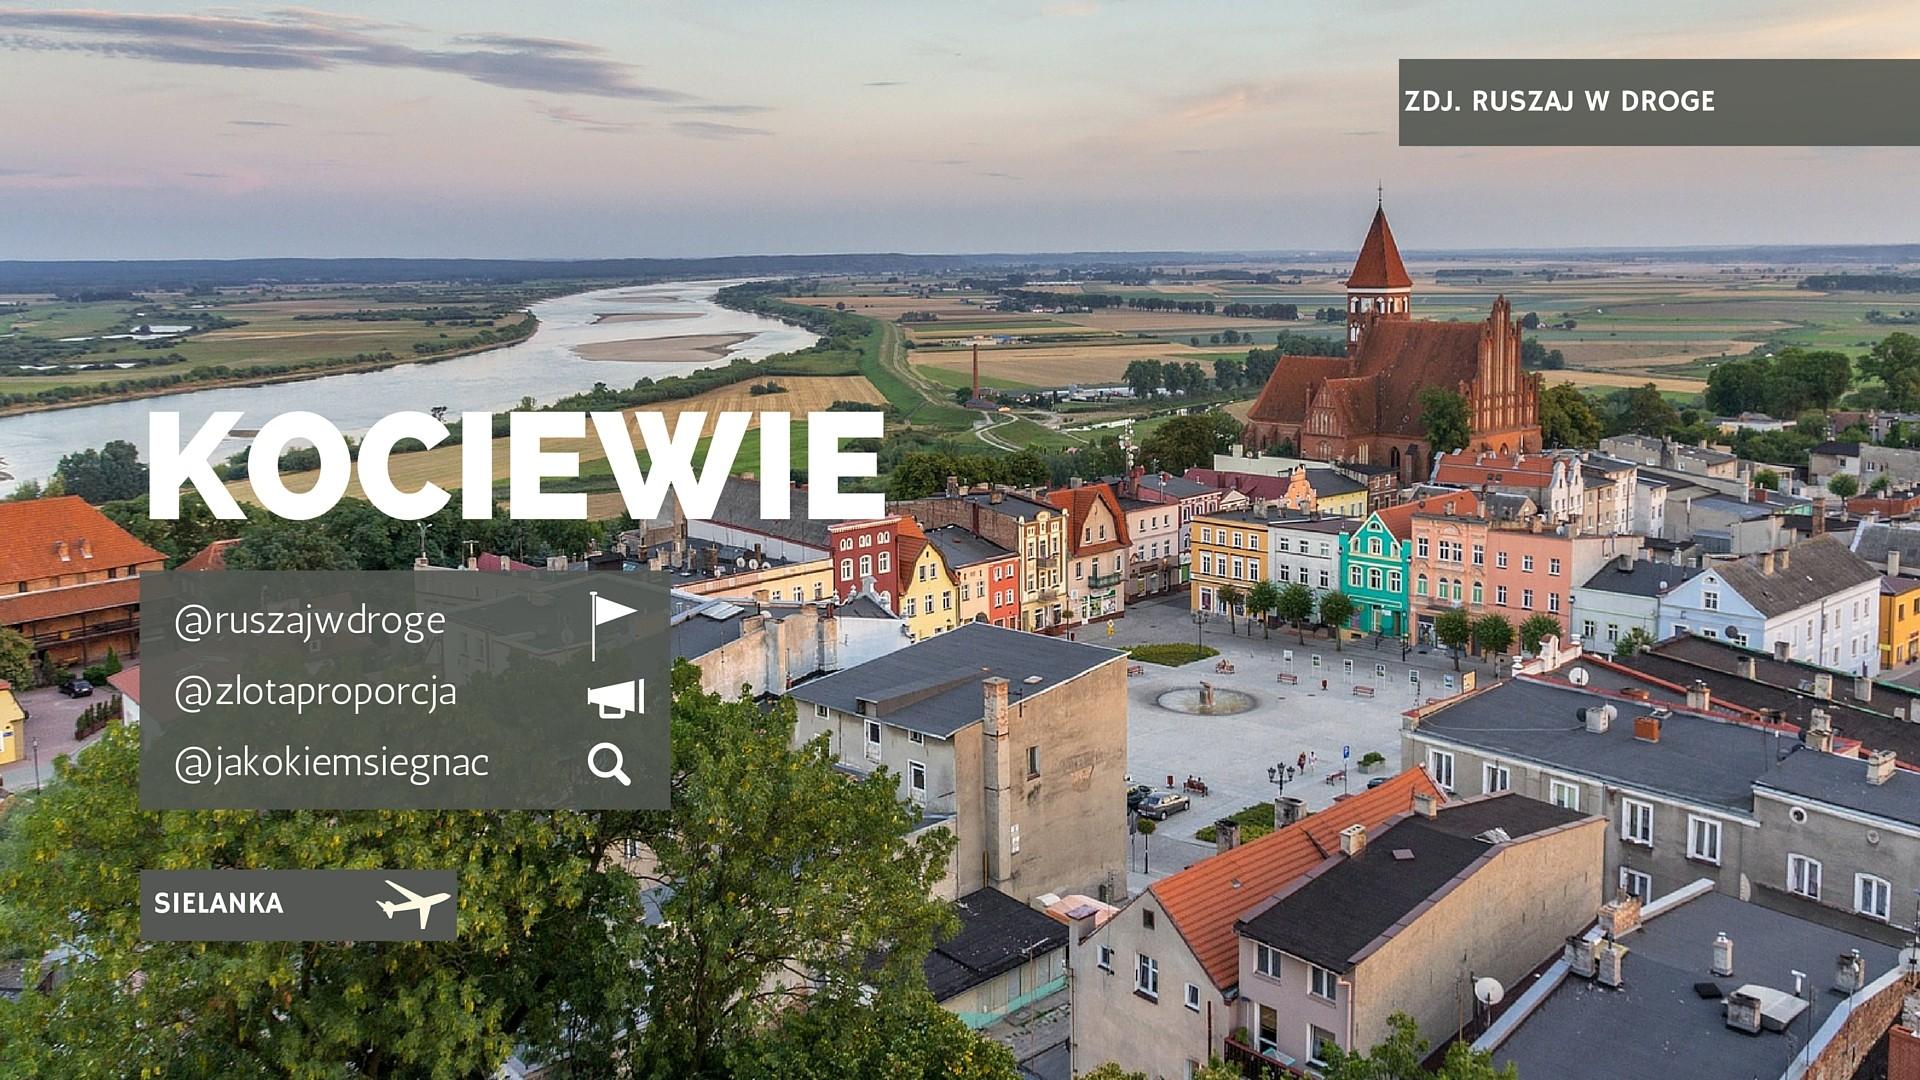 wakacje w polsce (4)